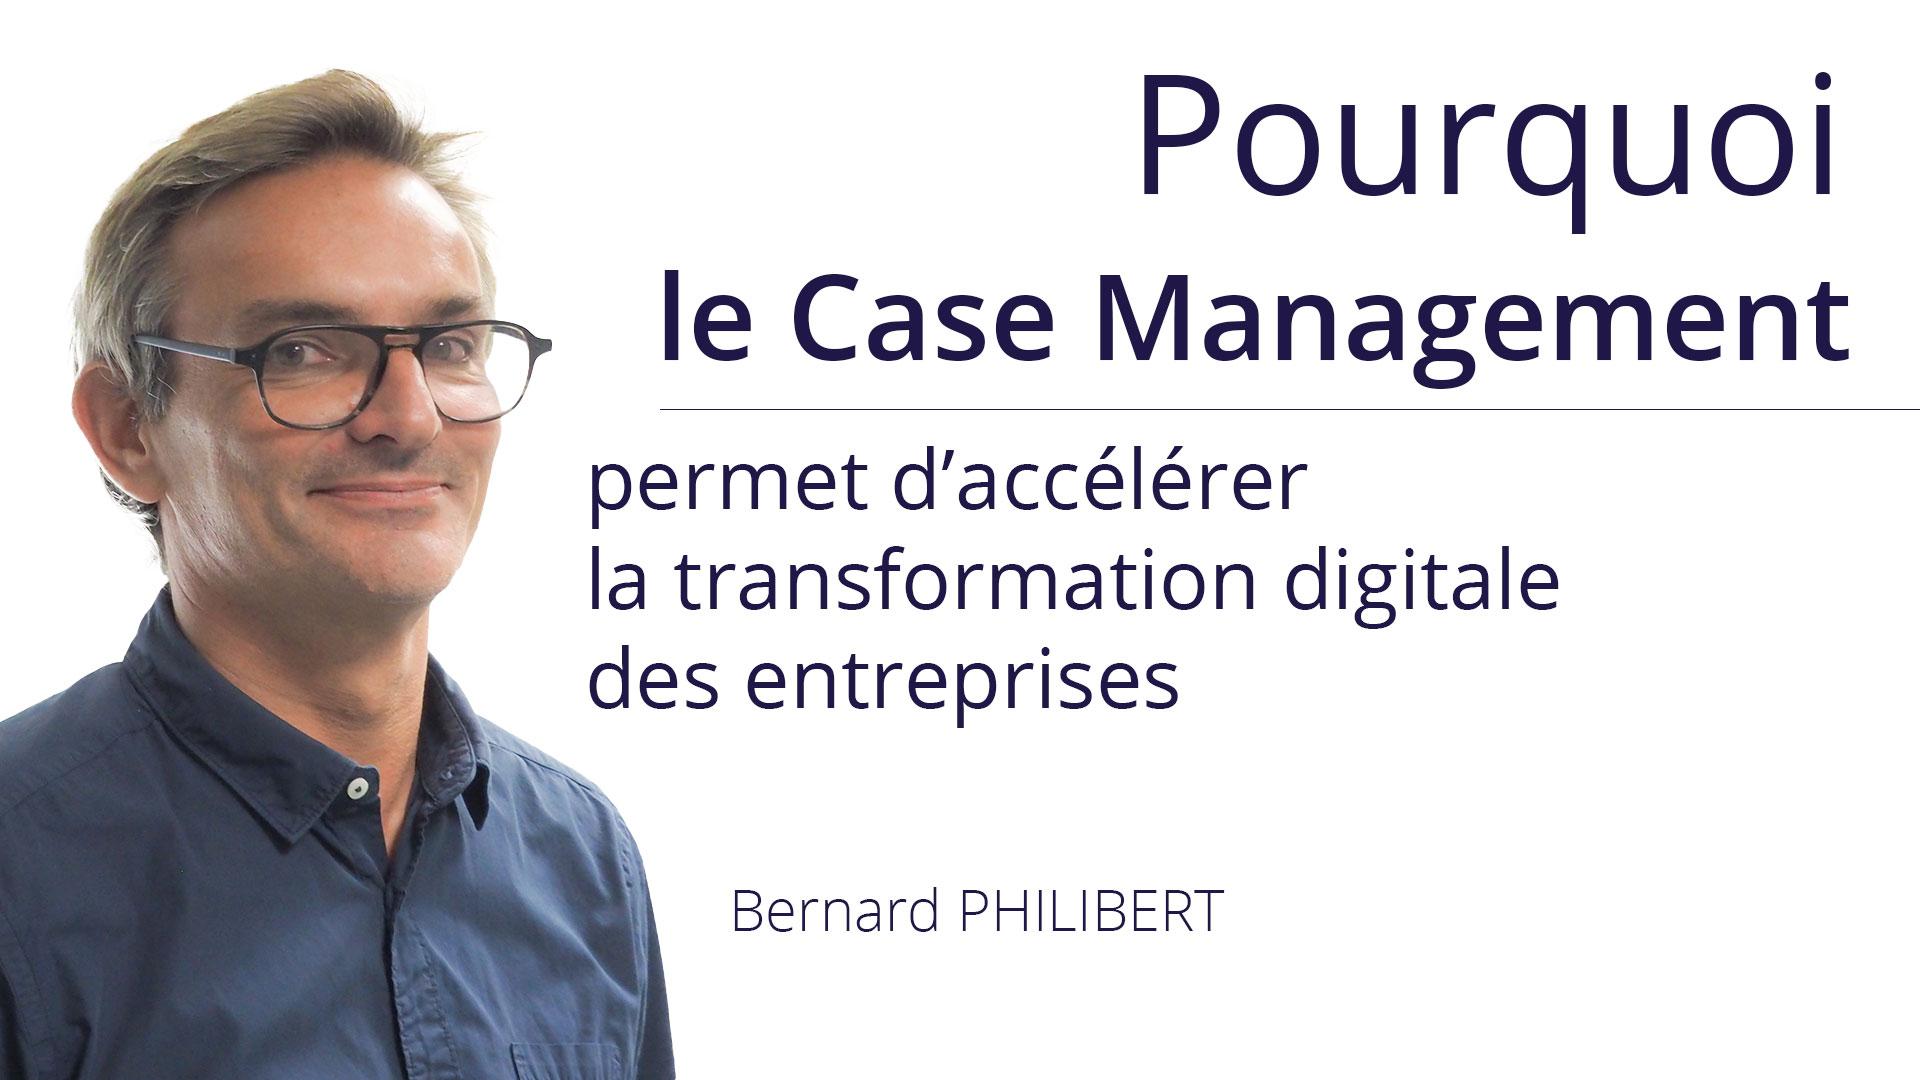 Pourquoi le Case Management permet d'accélérer la transformation digitale des entreprises